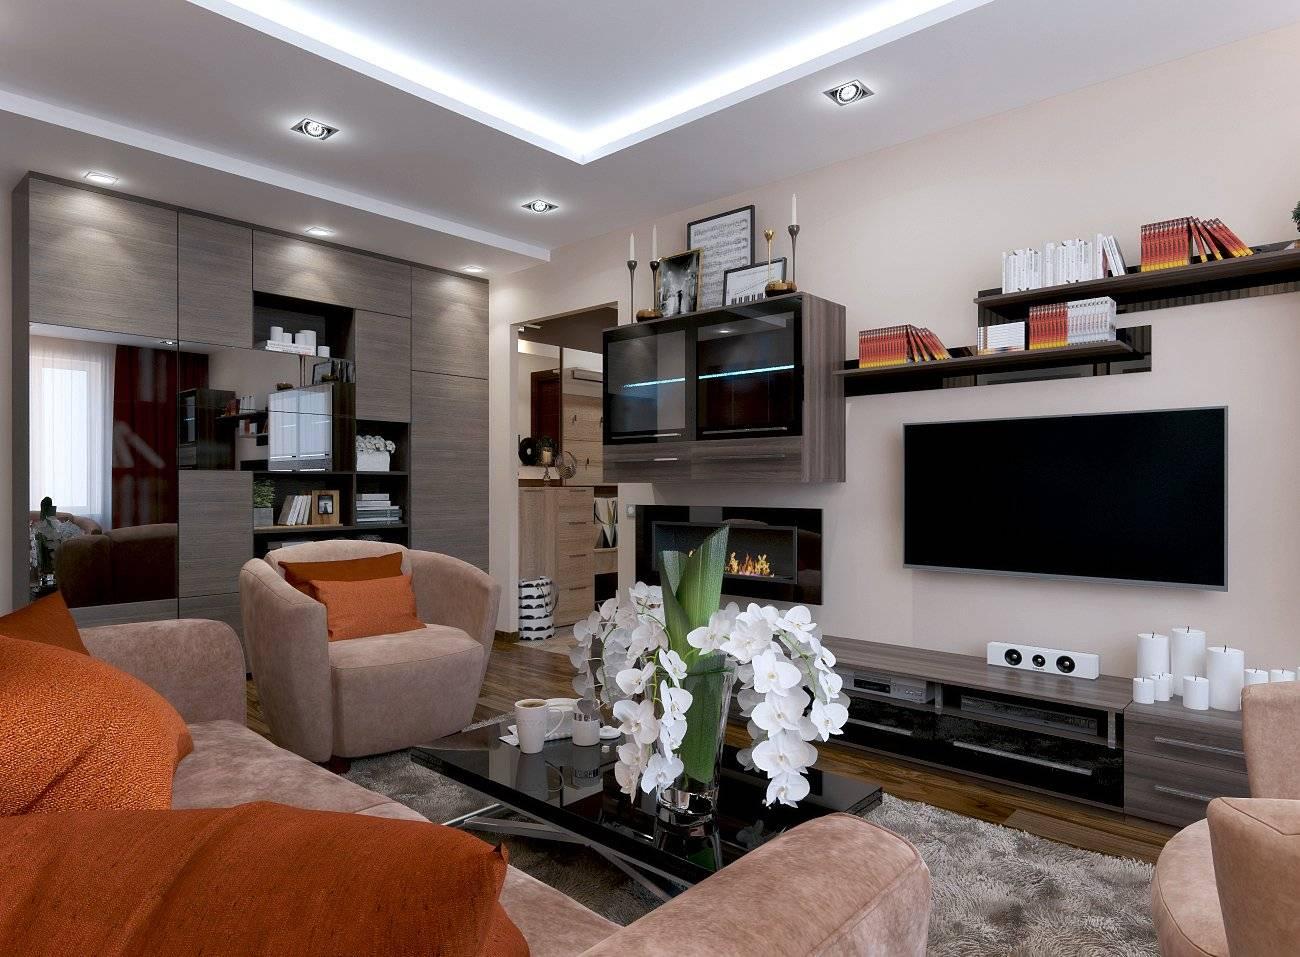 Гостиная 19 кв. м: дизайн, реальные фото, совмещение с кухней, варианты планировки прямоугольной комнаты, зонирование, интерьер